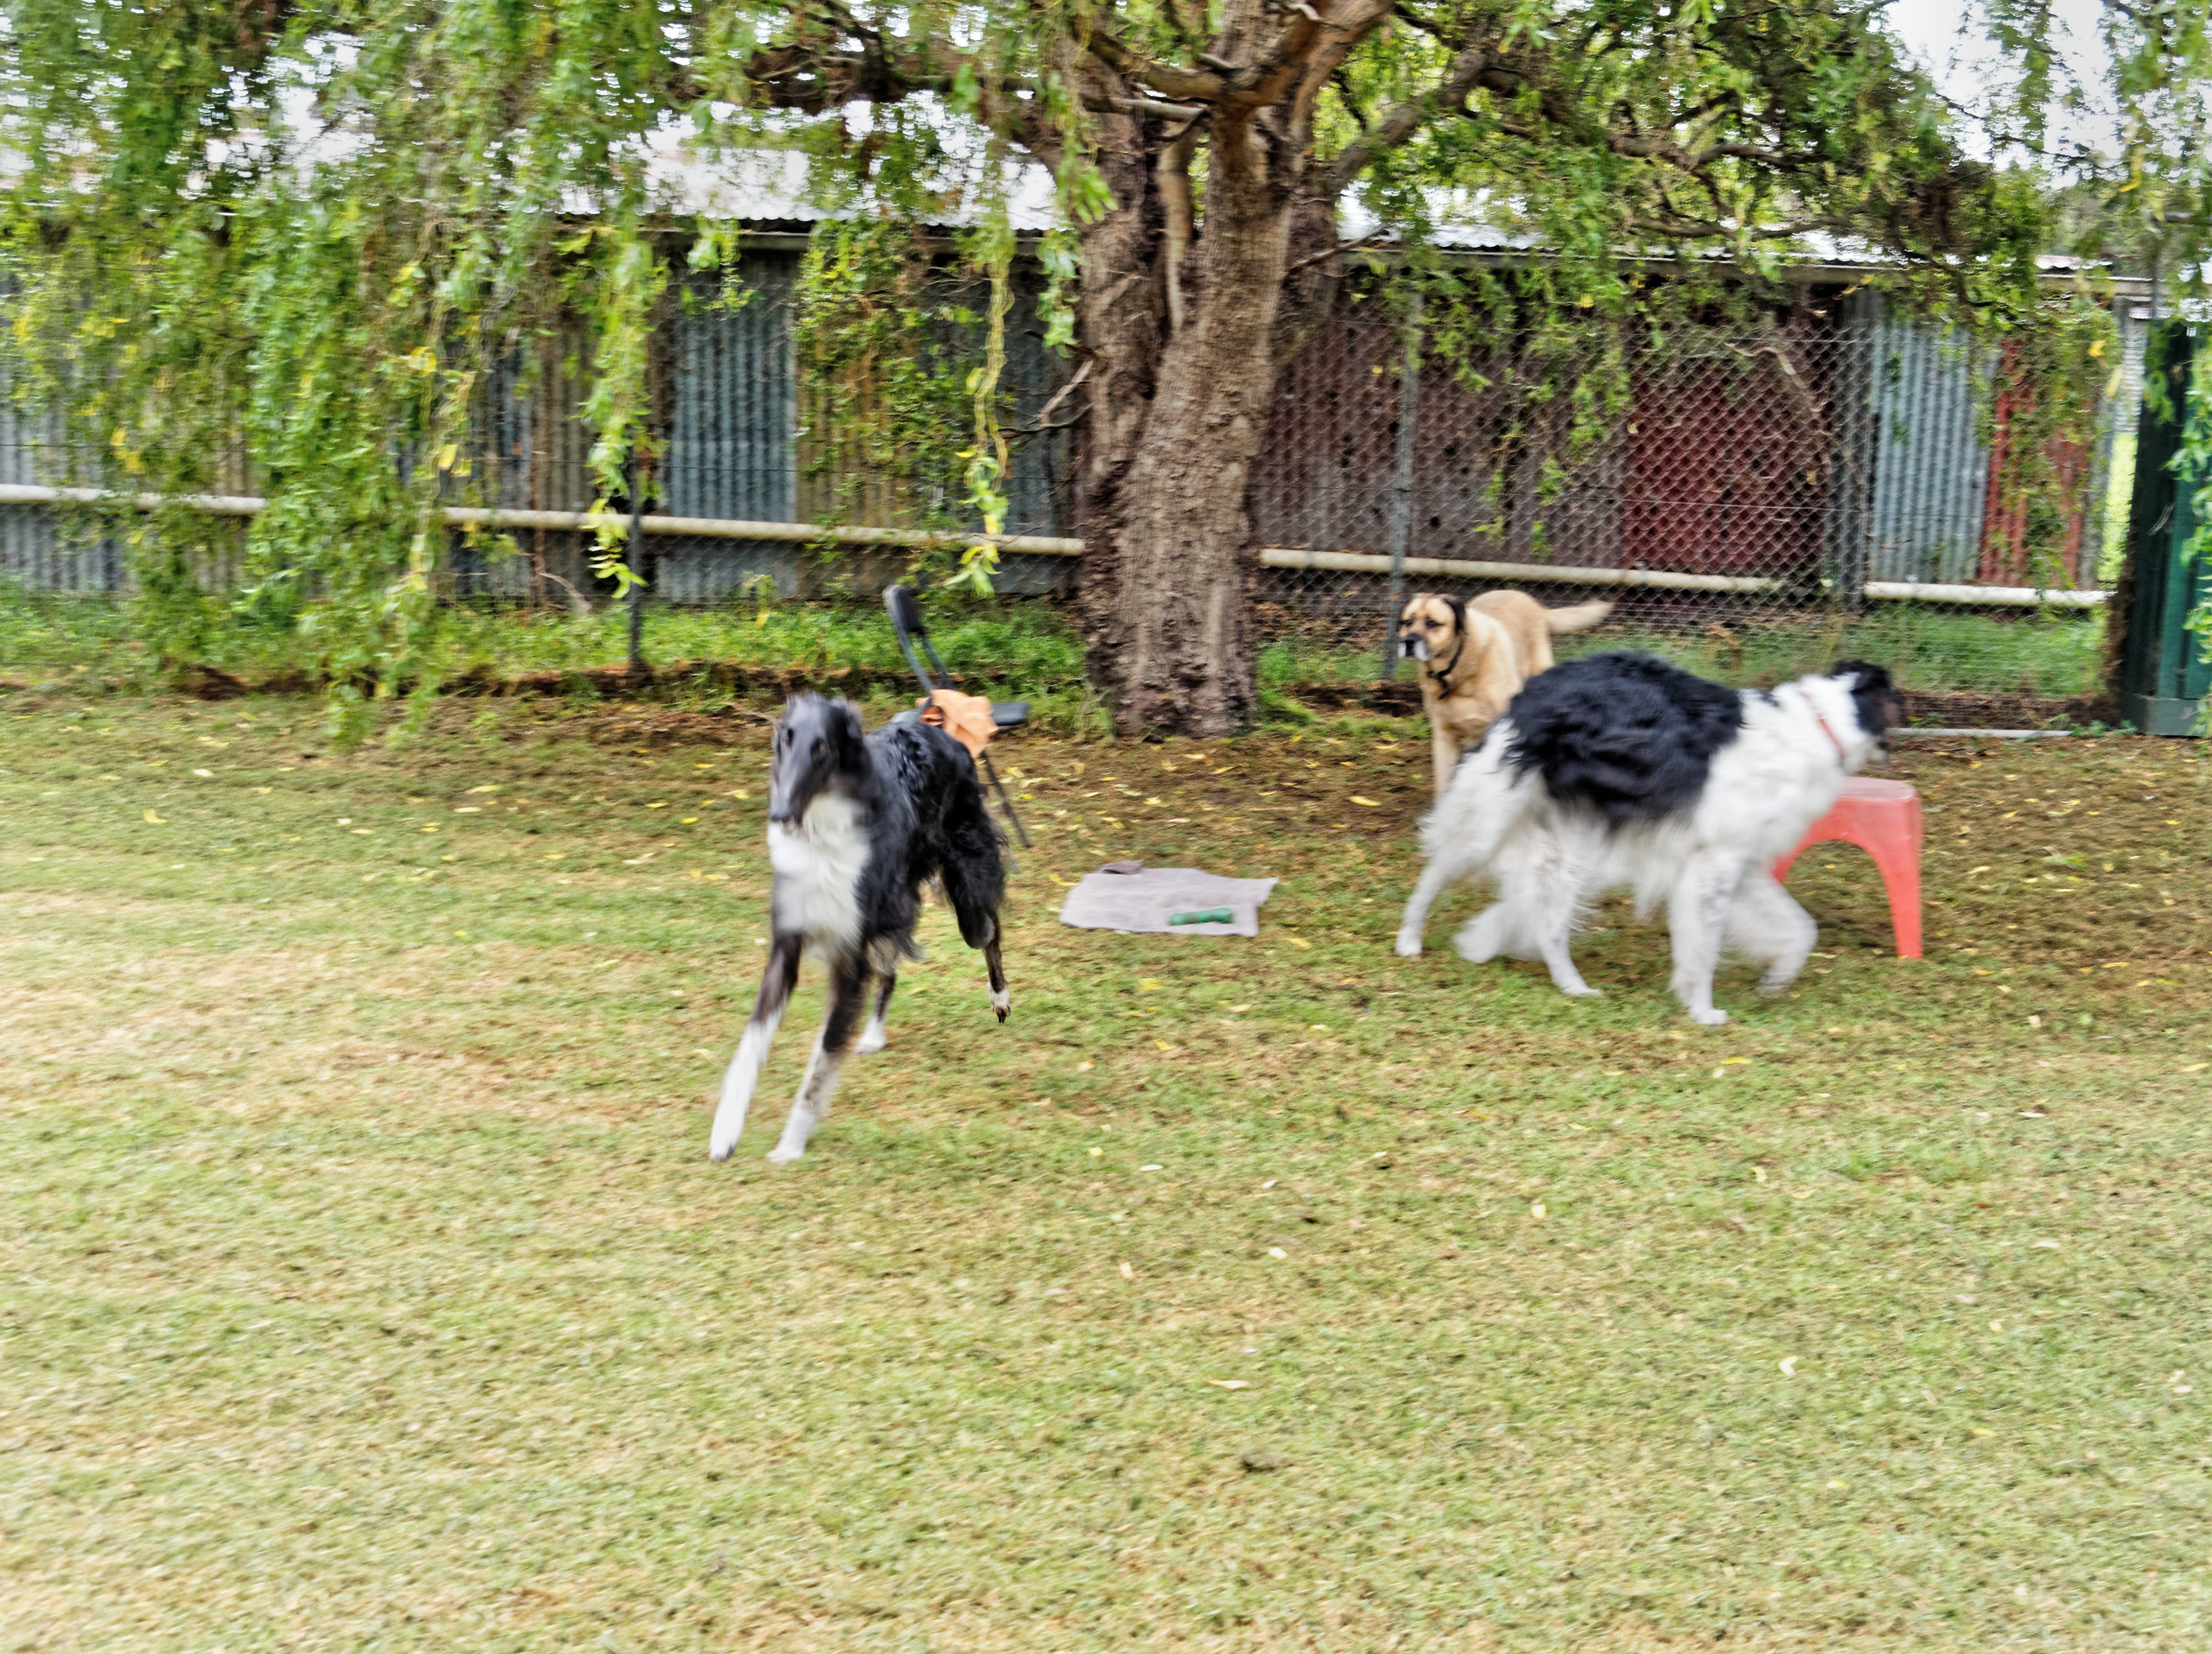 Dogs-playing-2.jpeg